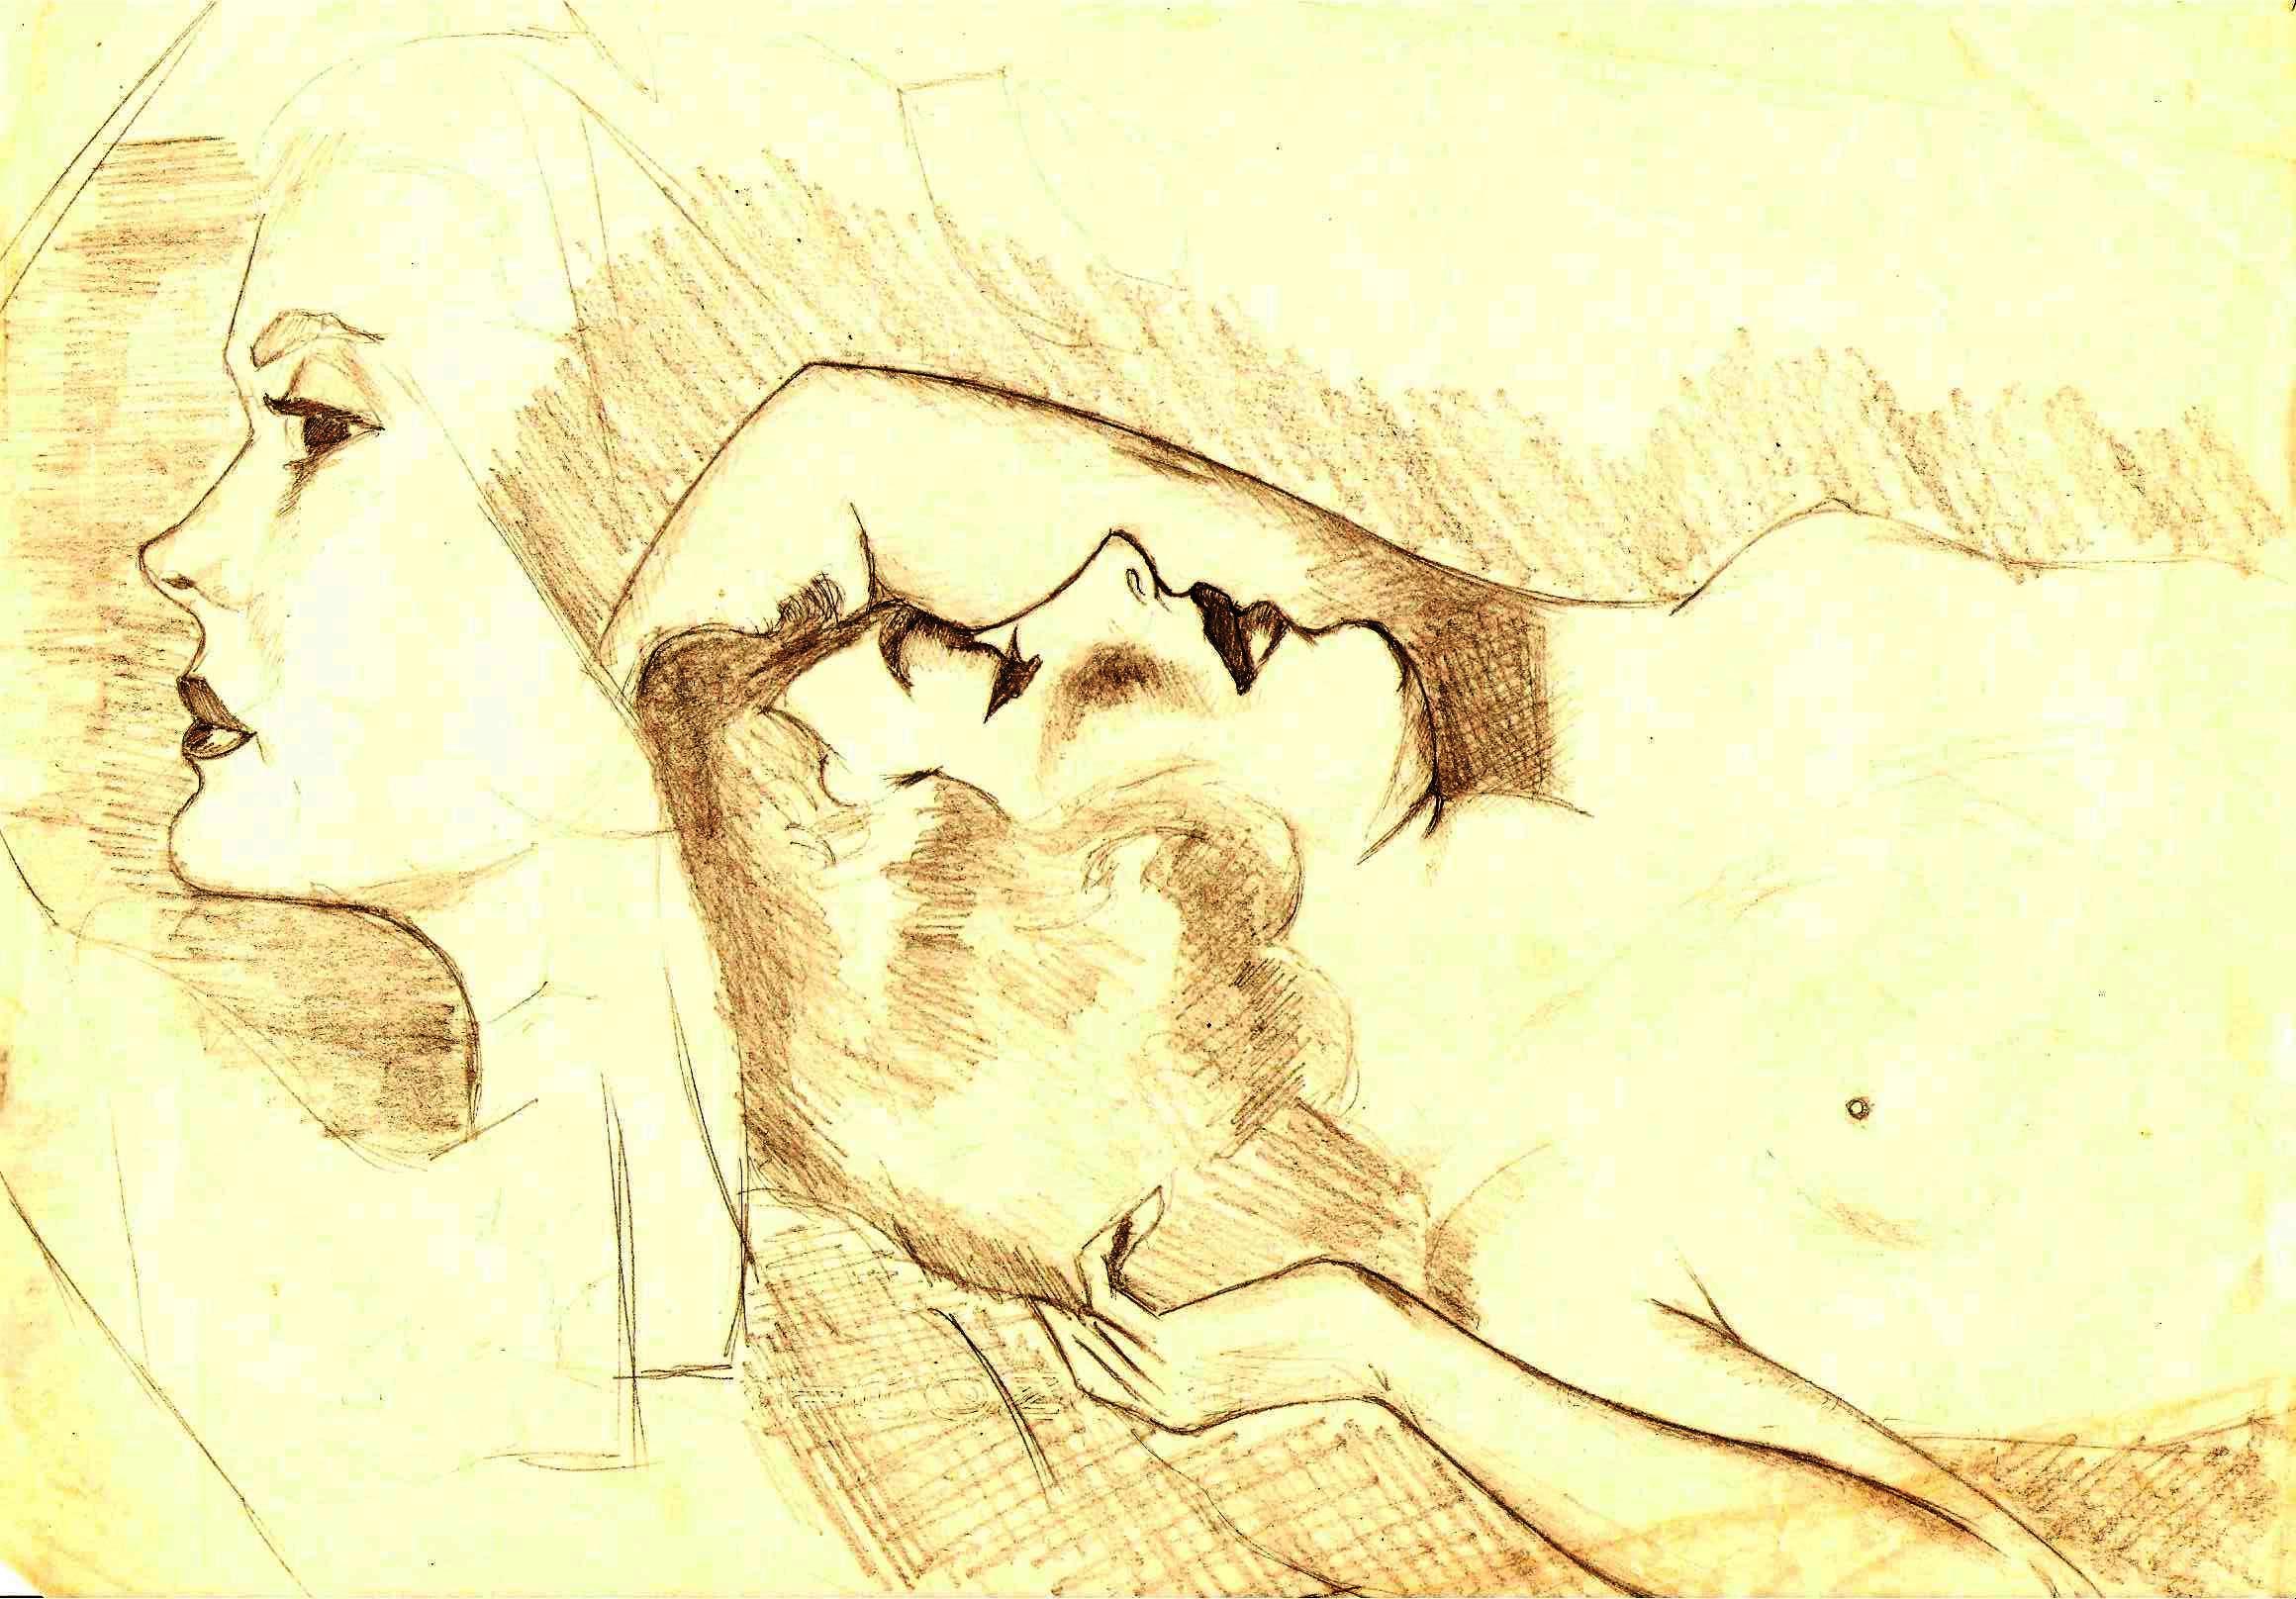 Ritratto, 1990 matita su foglio A4-Pasquale Mastrogiacomo, Acerno(SA).